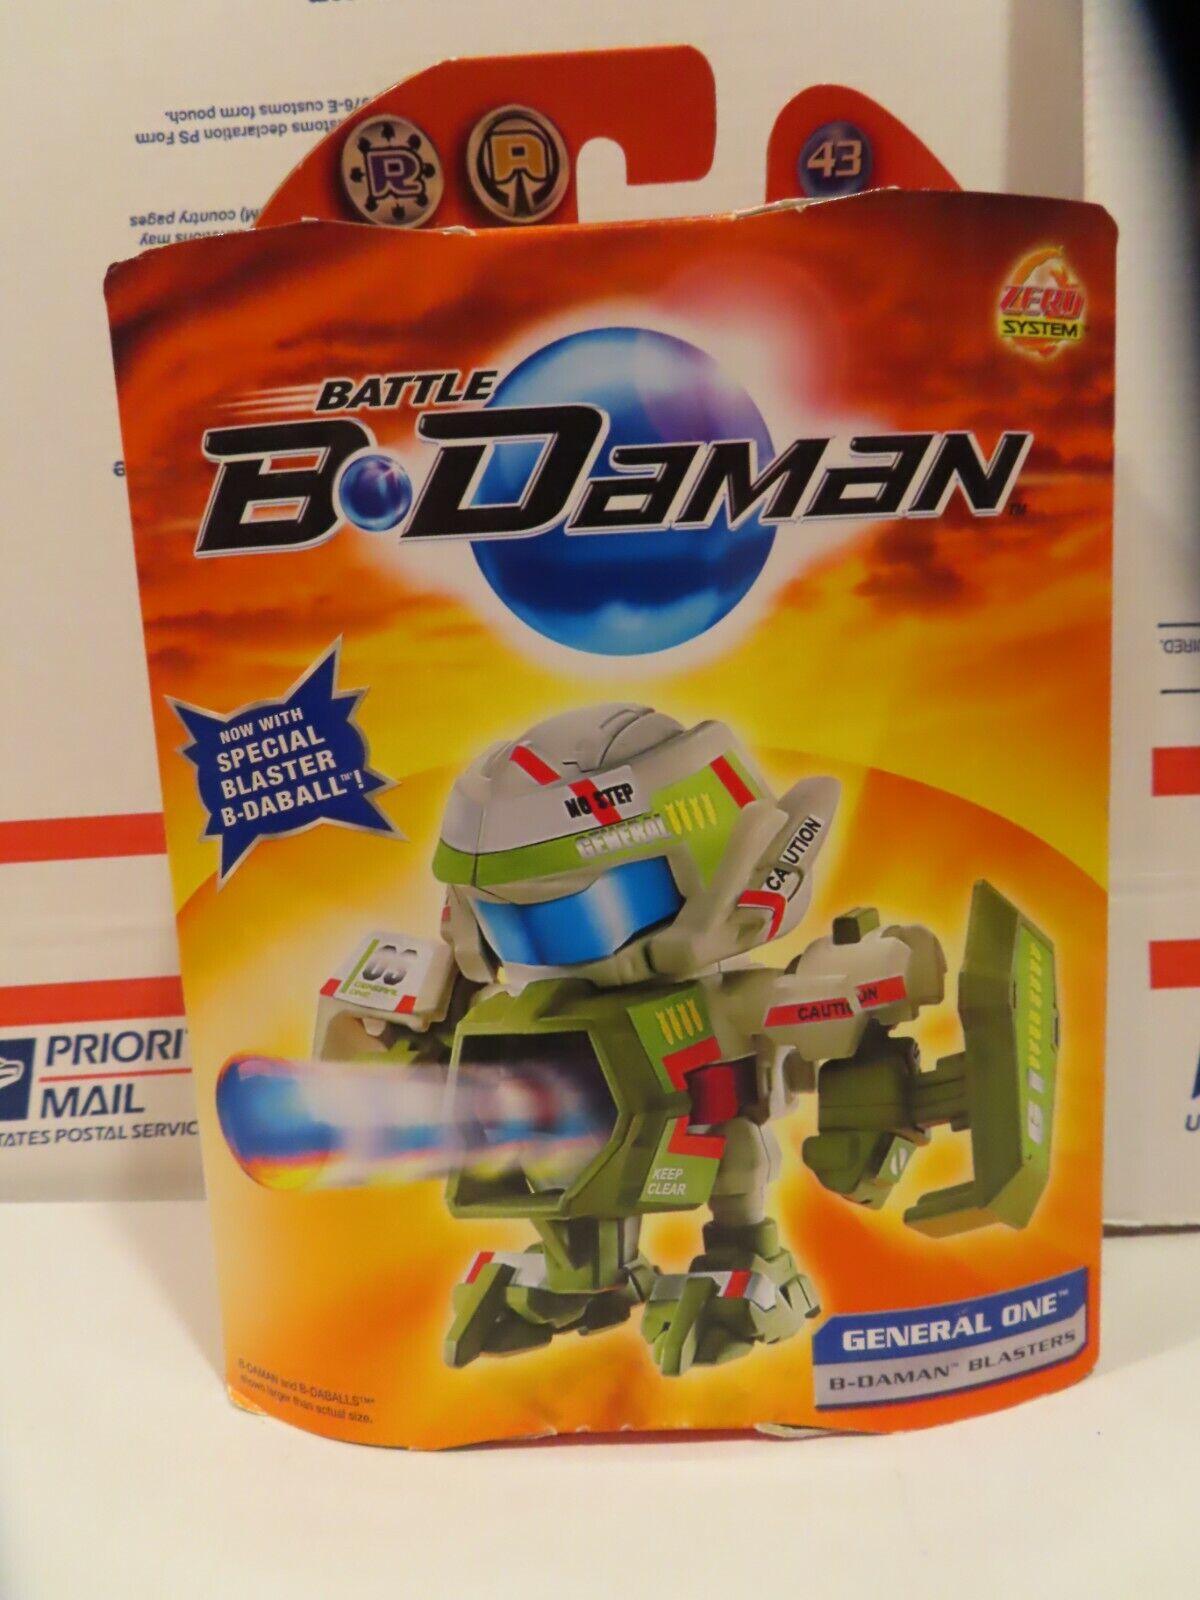 Battle B-daman B-daman B-daman GENERAL ONE blaster Mint in box Factory Green Card Sample 193e7f